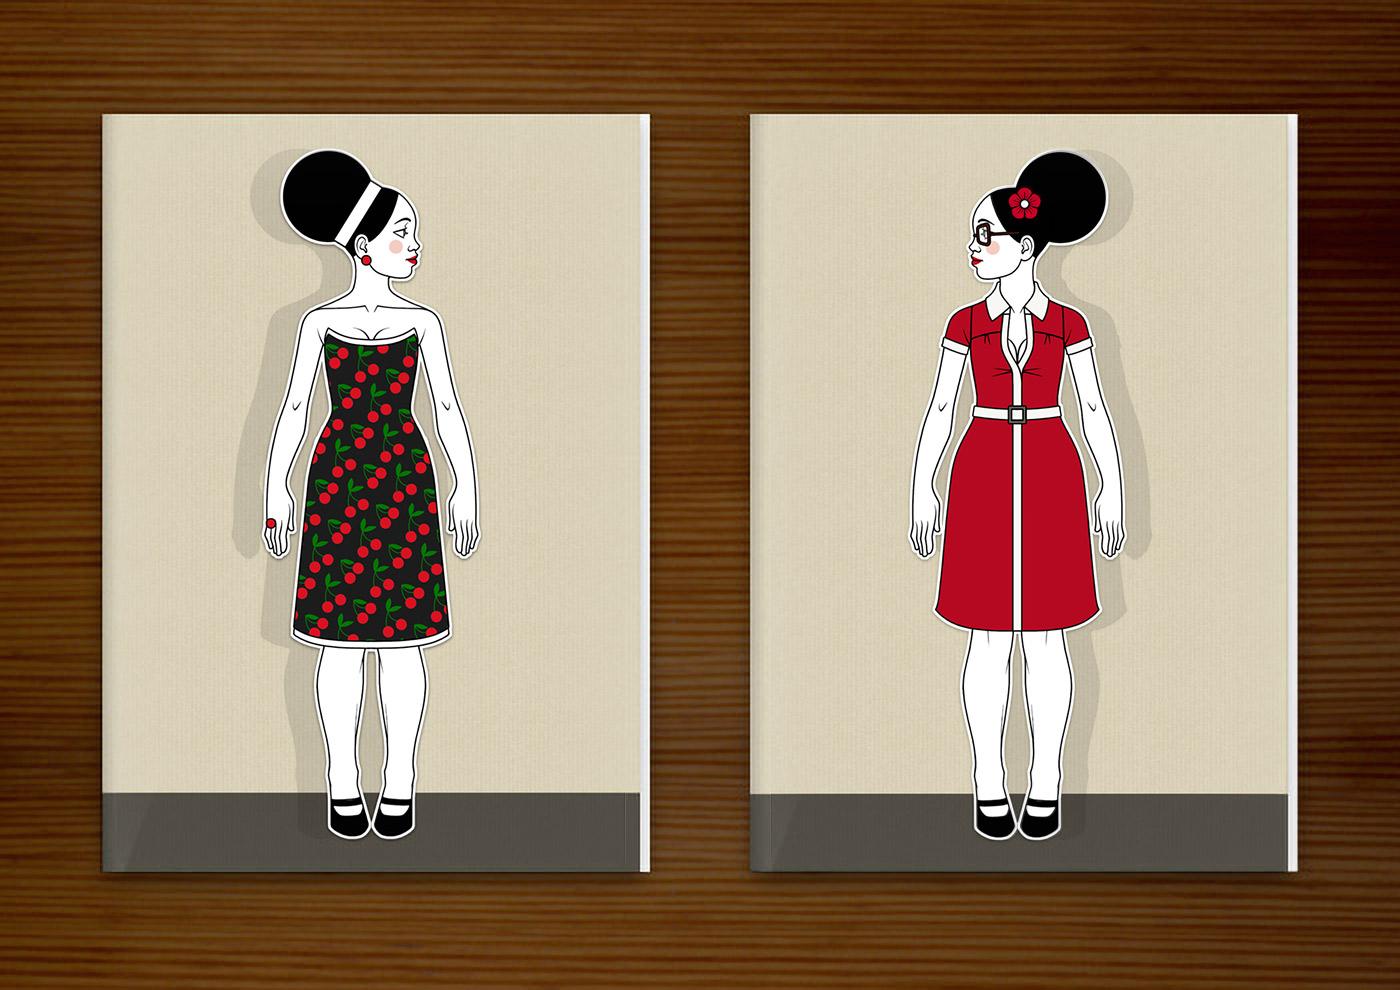 Retro-Modezeichnungen im Stil der Sixties mit Beehive, kleinen Kleidchen in schwarzweißem Karo und rot und großen Sonnenbrillen